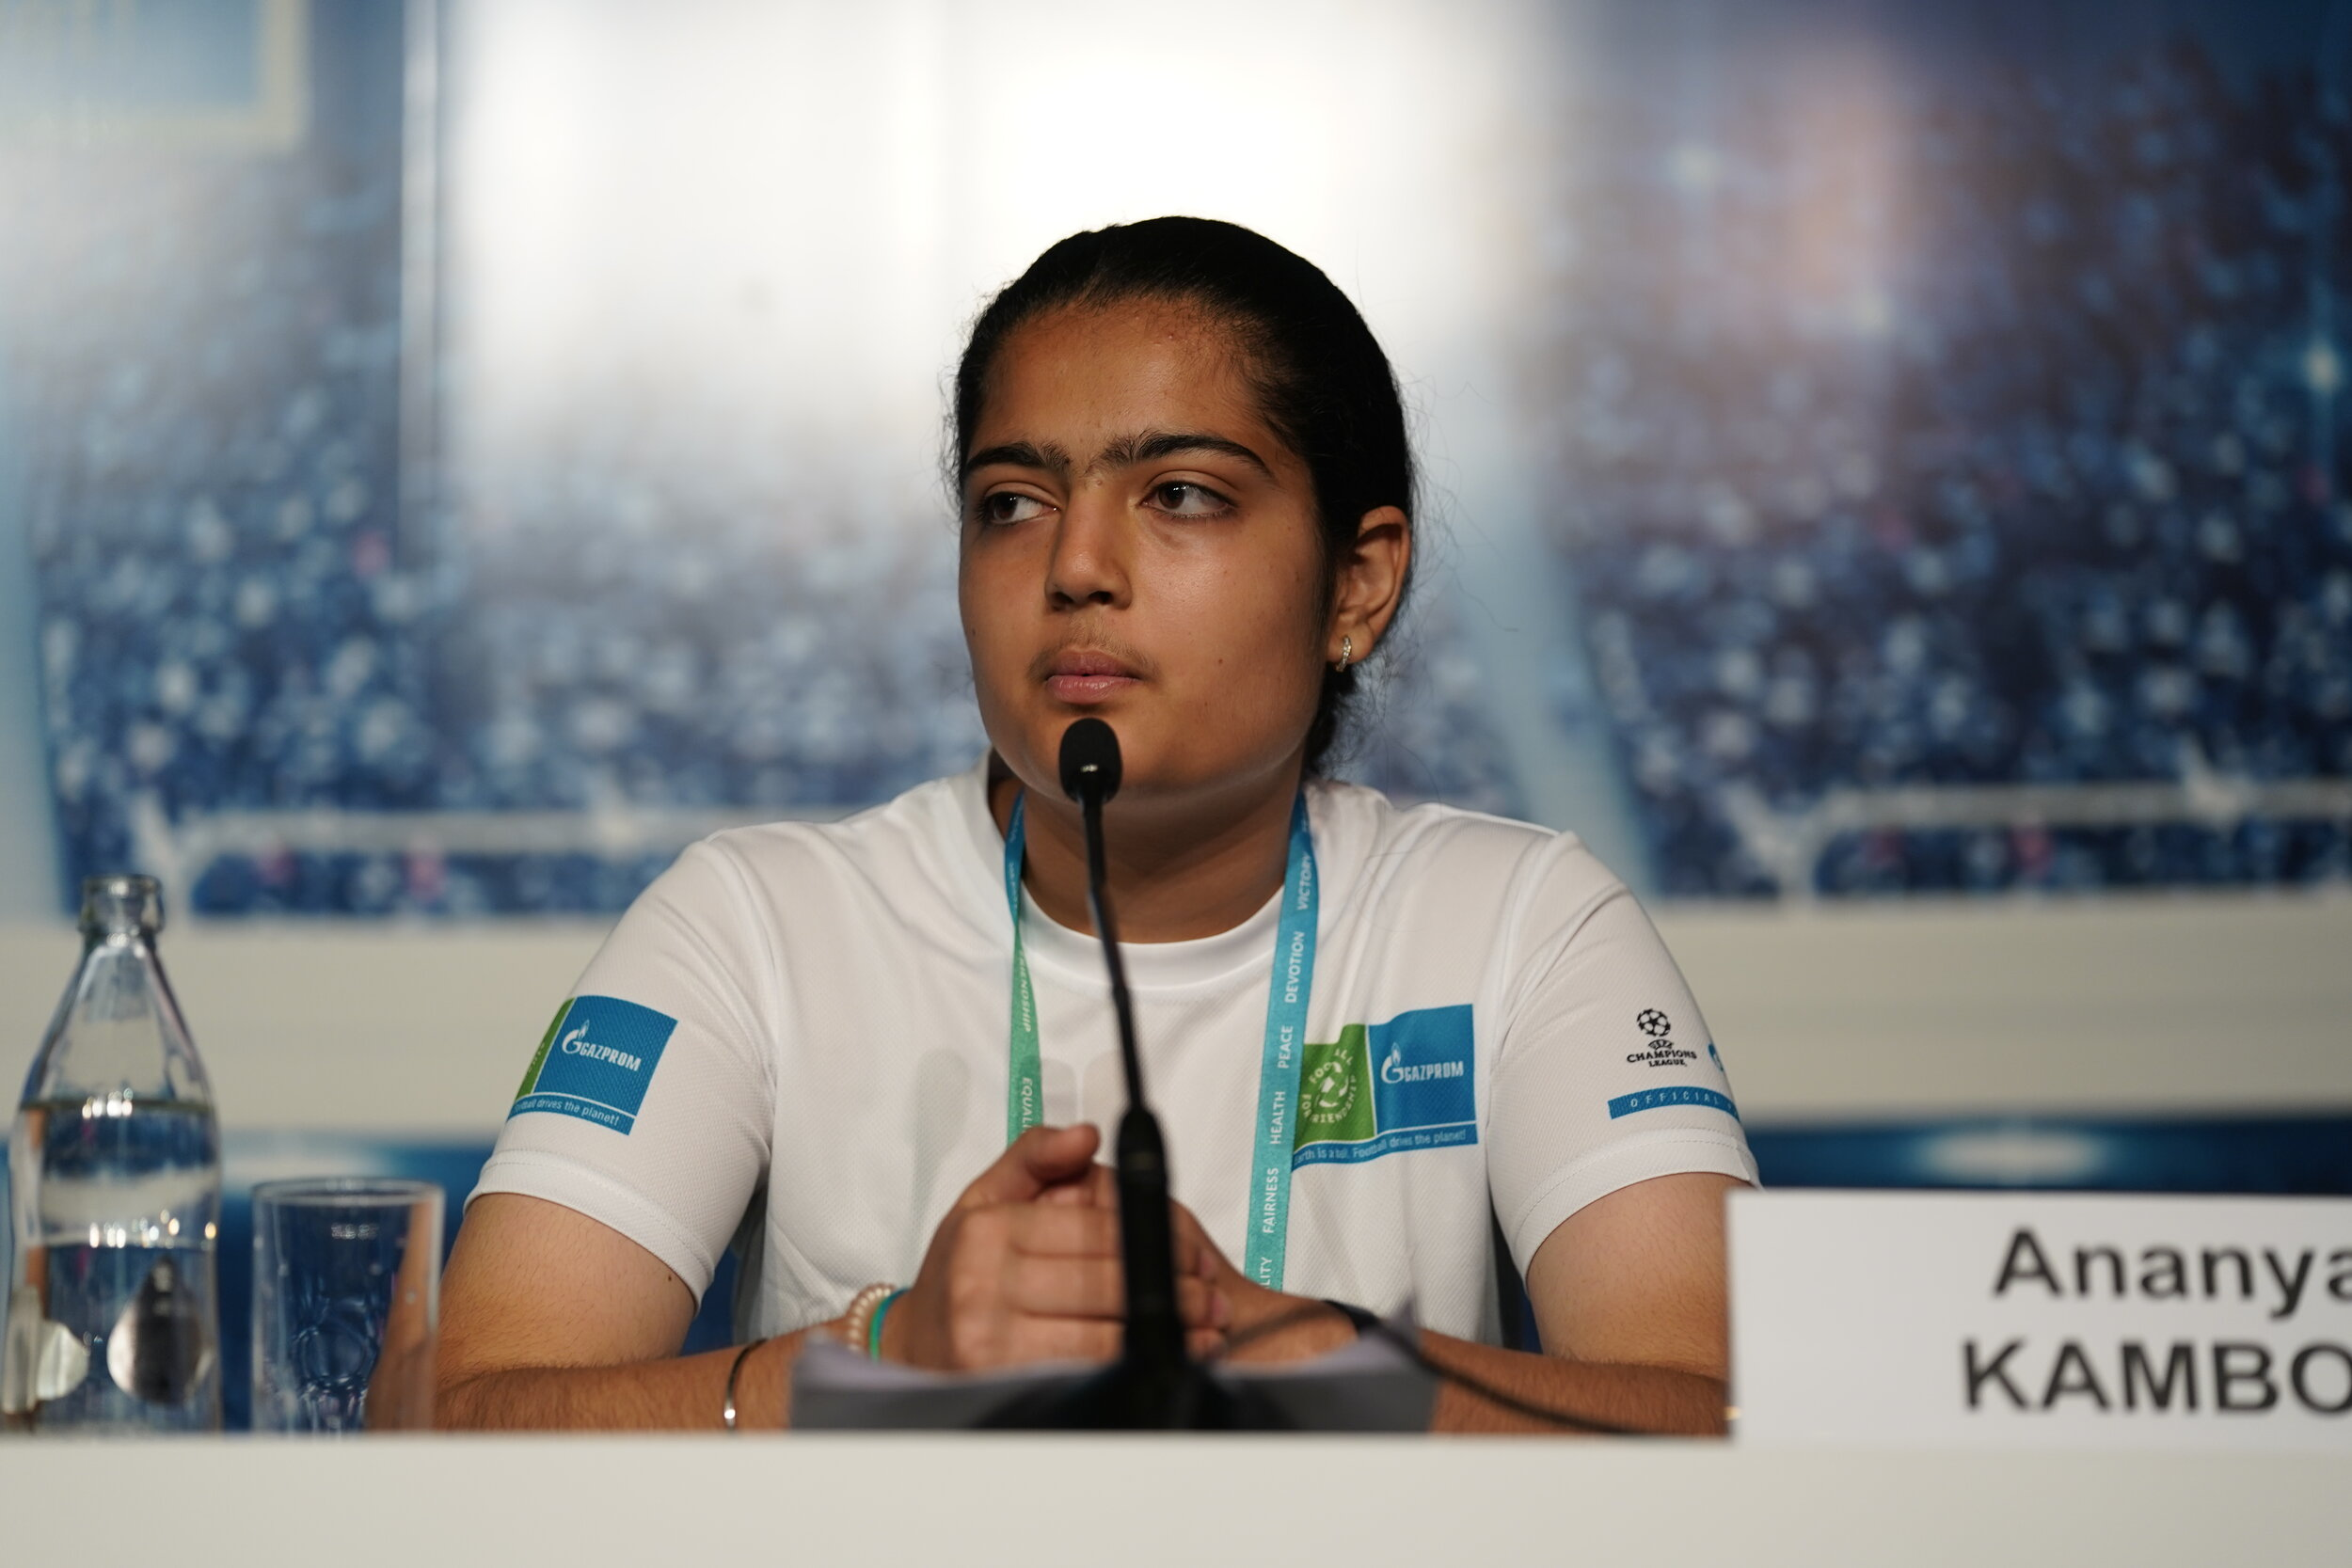 Ananya Kamboj